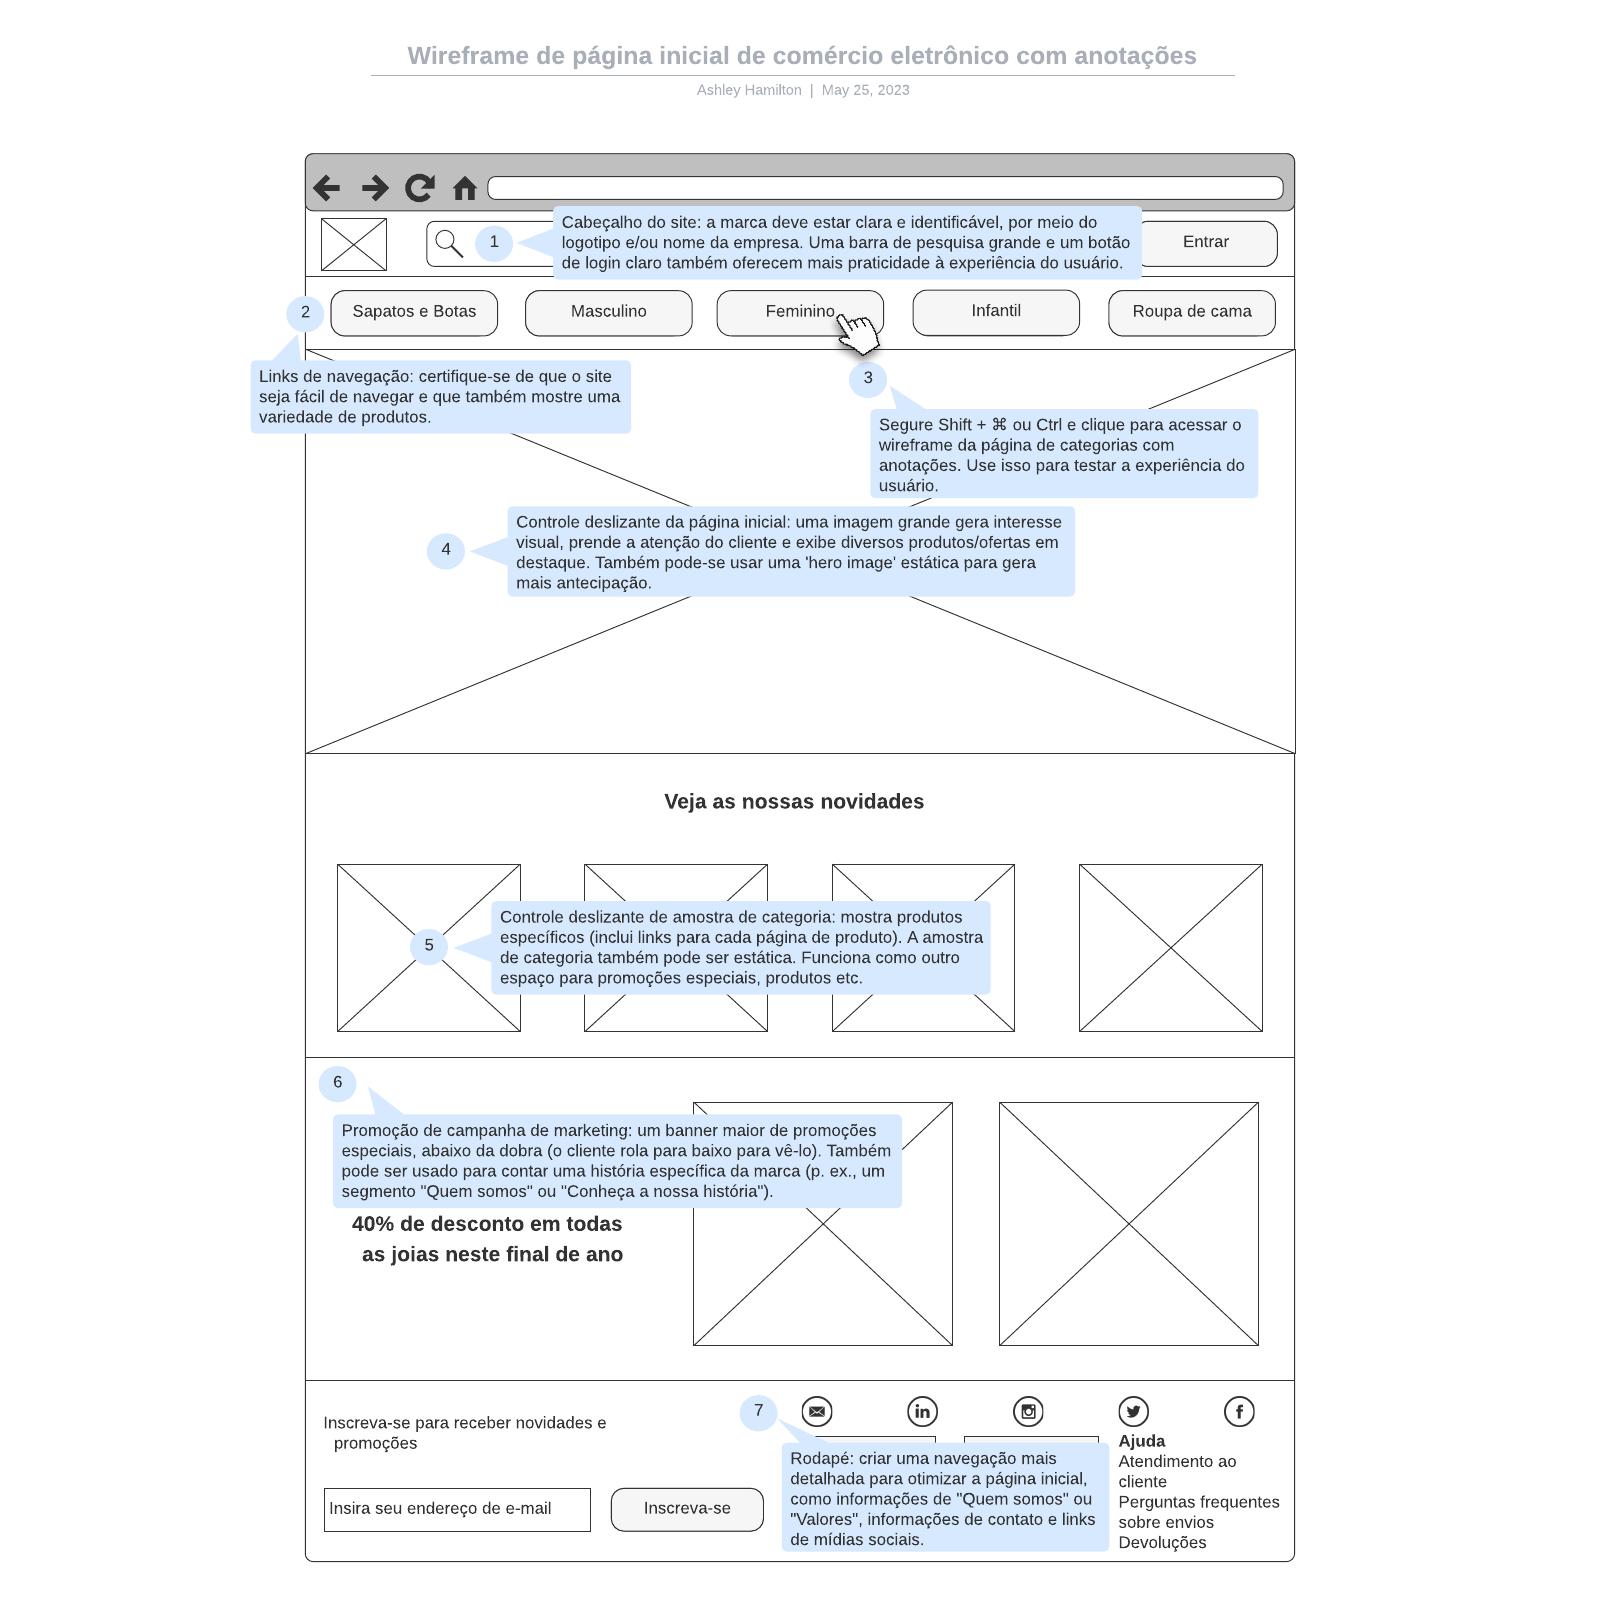 Wireframe de página inicial de comércio eletrônico com anotações